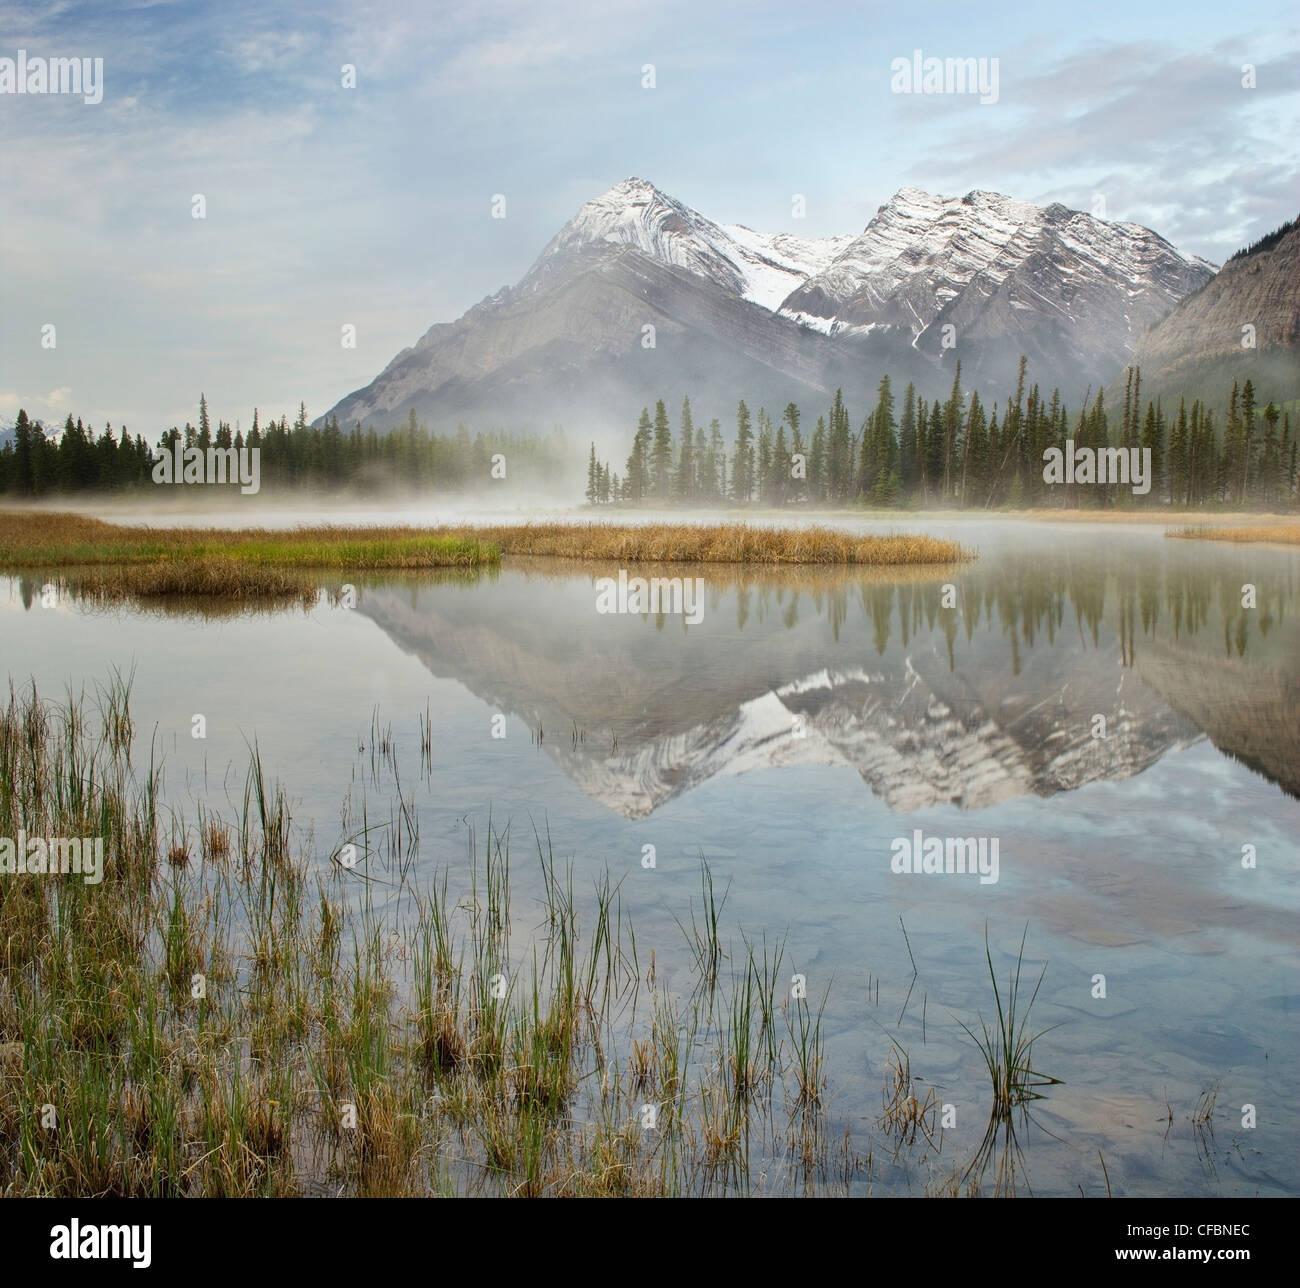 Misty Lake: Misty Lake Ecological Preserve Stock Photos & Misty Lake